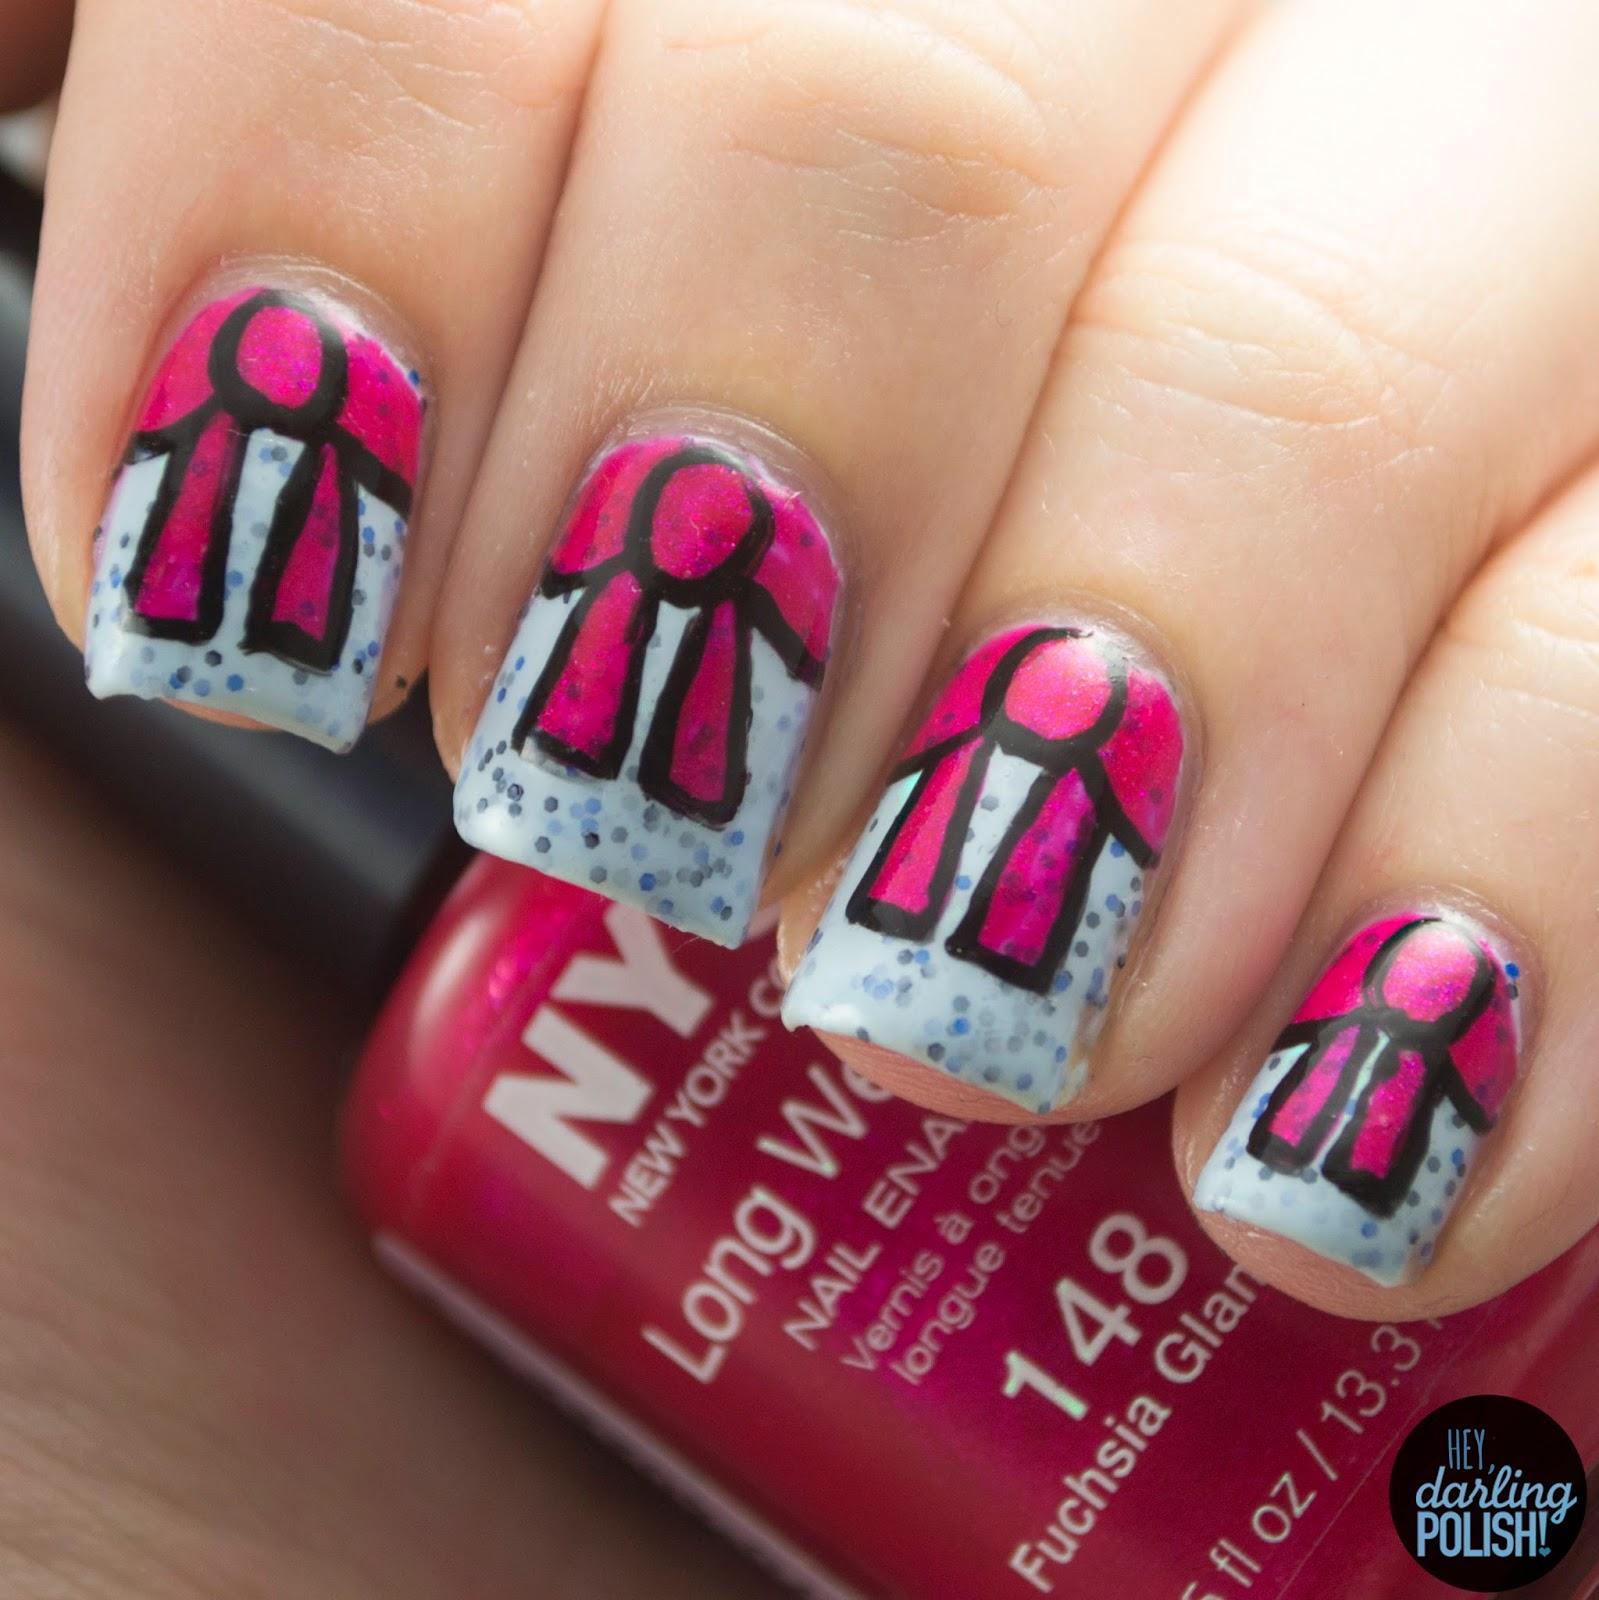 nails, nail art, nail polish, polish, bows, cute, theme buffet, hey darling polish, blue, pink